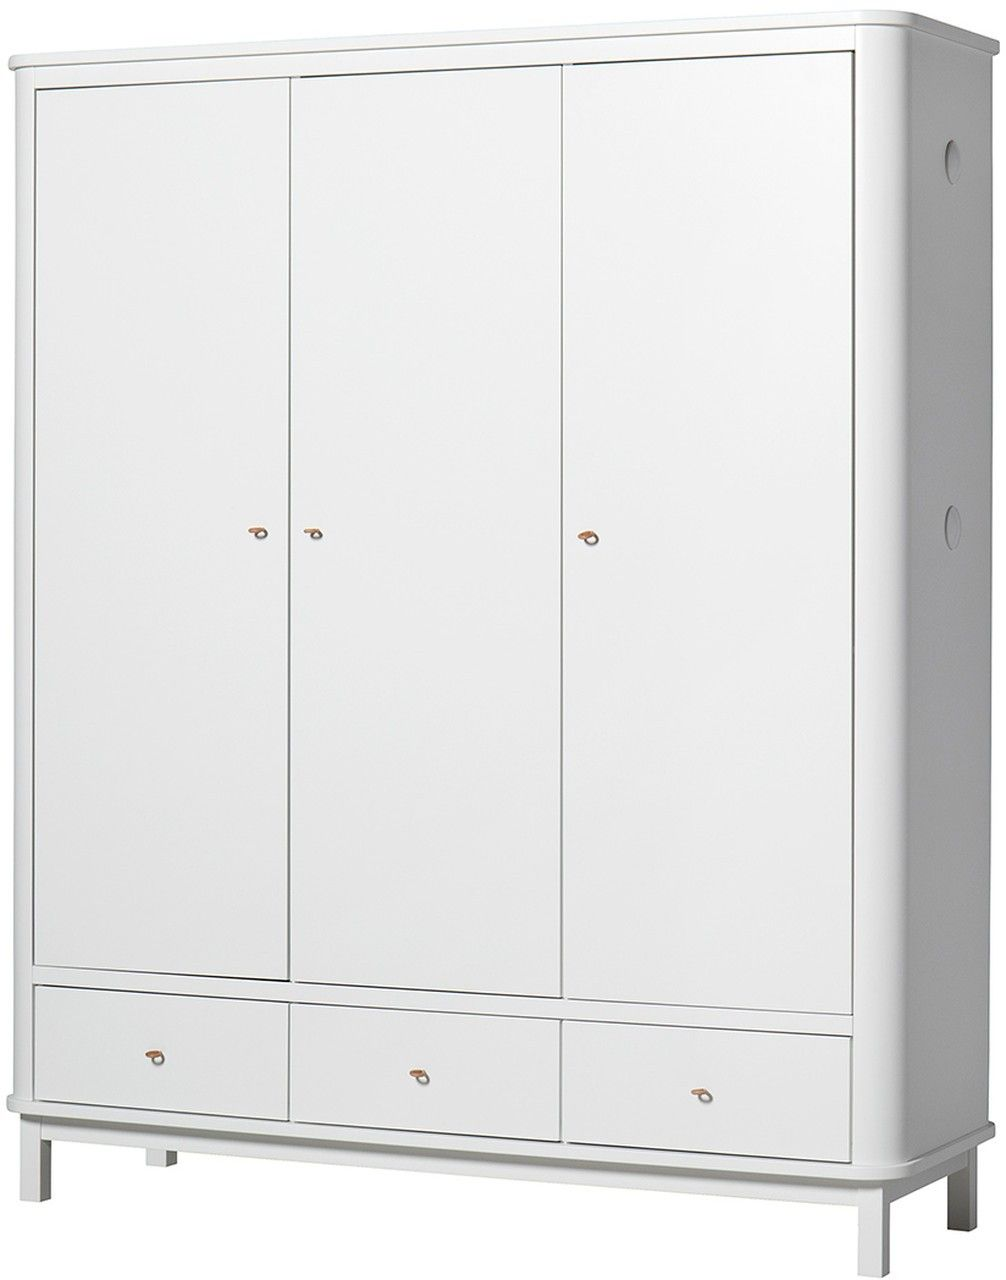 Oliver Furniture Kleiderschrank Wood 3 Türig Weiß Weiß Kleiderschrank Kleiner Kleiderschrank Kinder Kleiderschrank